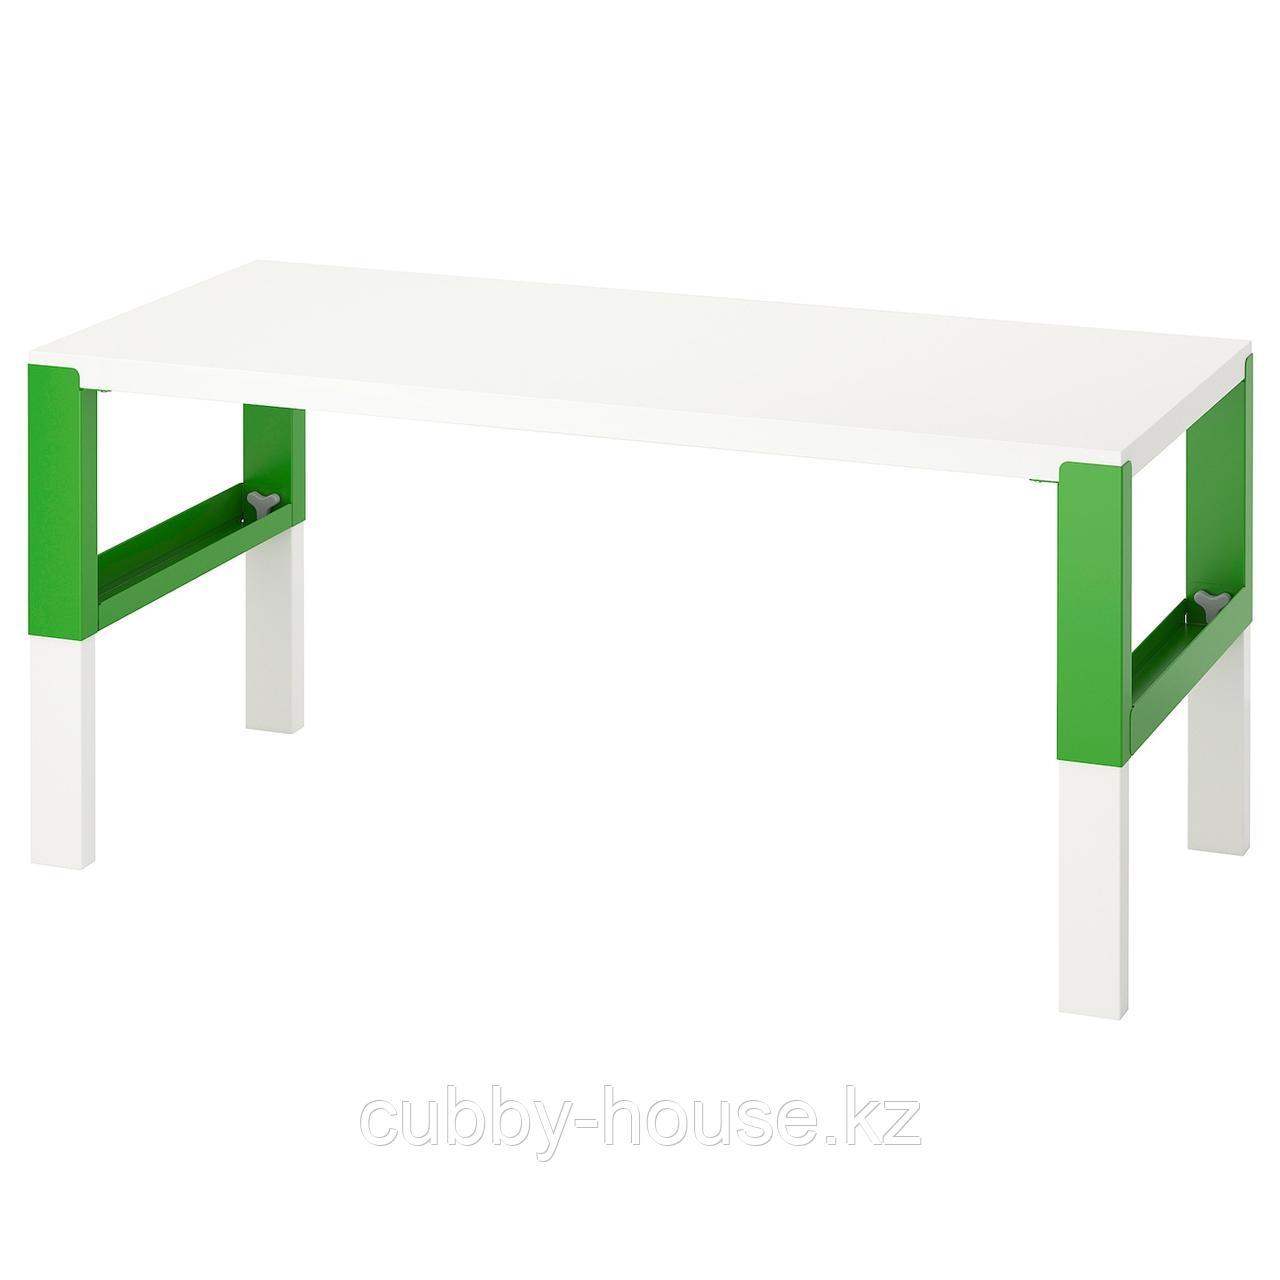 ПОЛЬ Письменный стол, белый, 128x58 см